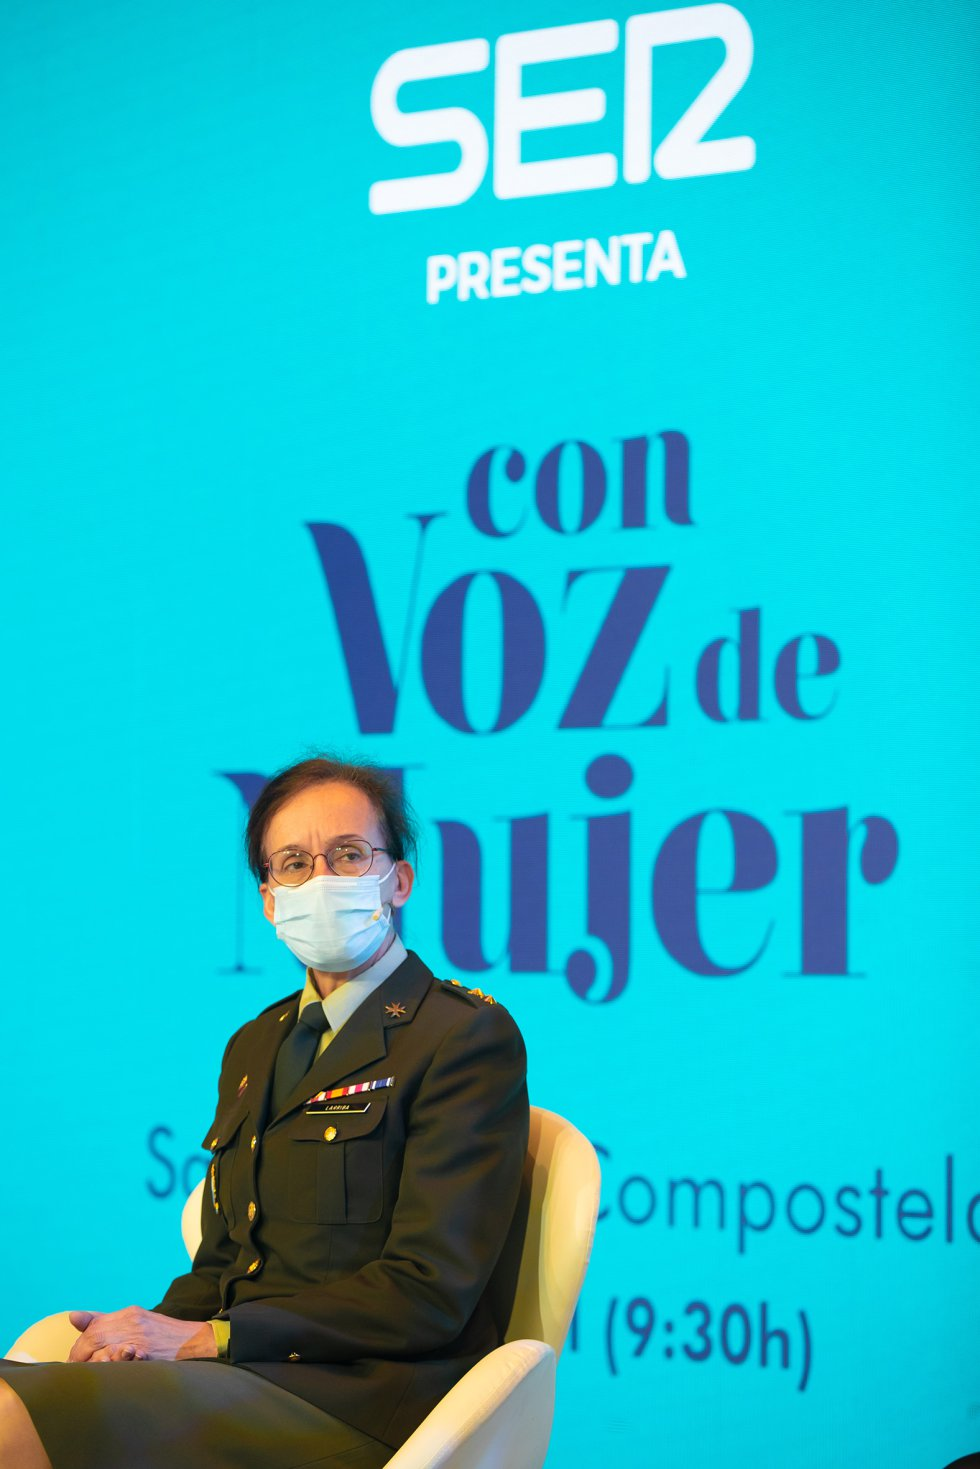 La teniente coronel Cristina Larriba durante el coloquio en el que ha participado.